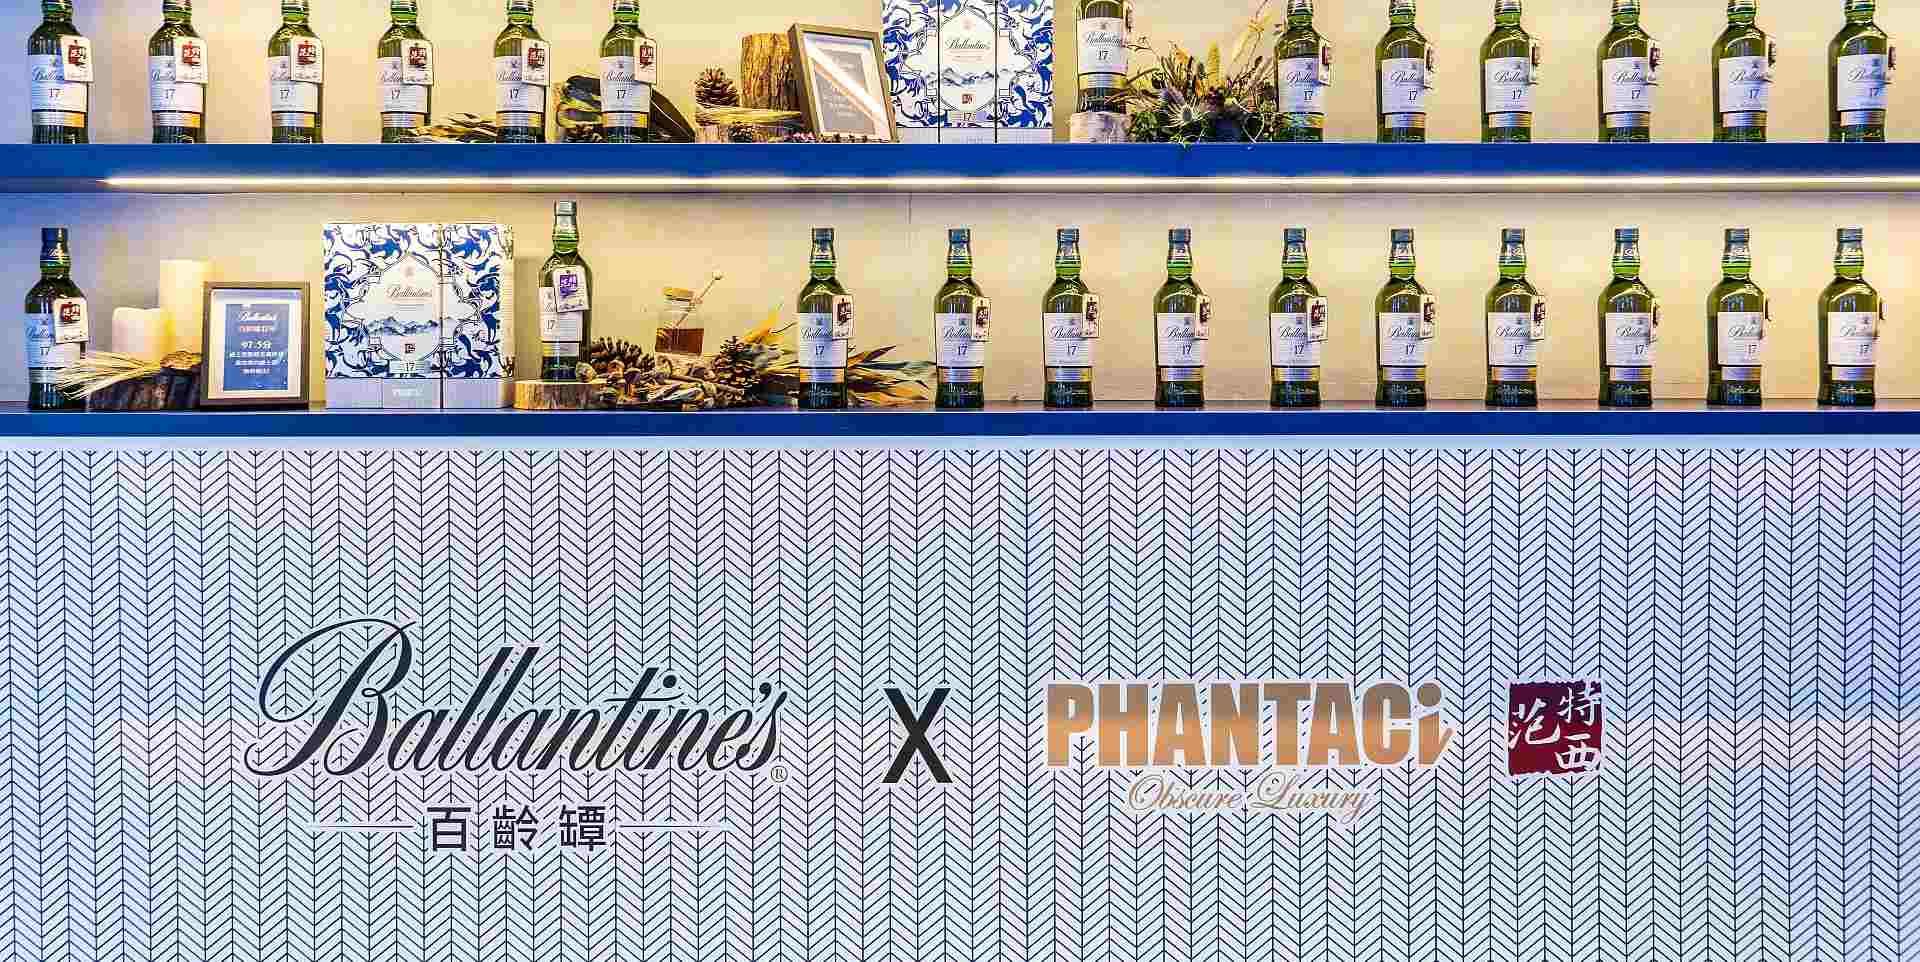 地表最威聯名 顛覆一切想像―「Ballantine's X PHANTACi跨界攜手百齡罈17年限定款